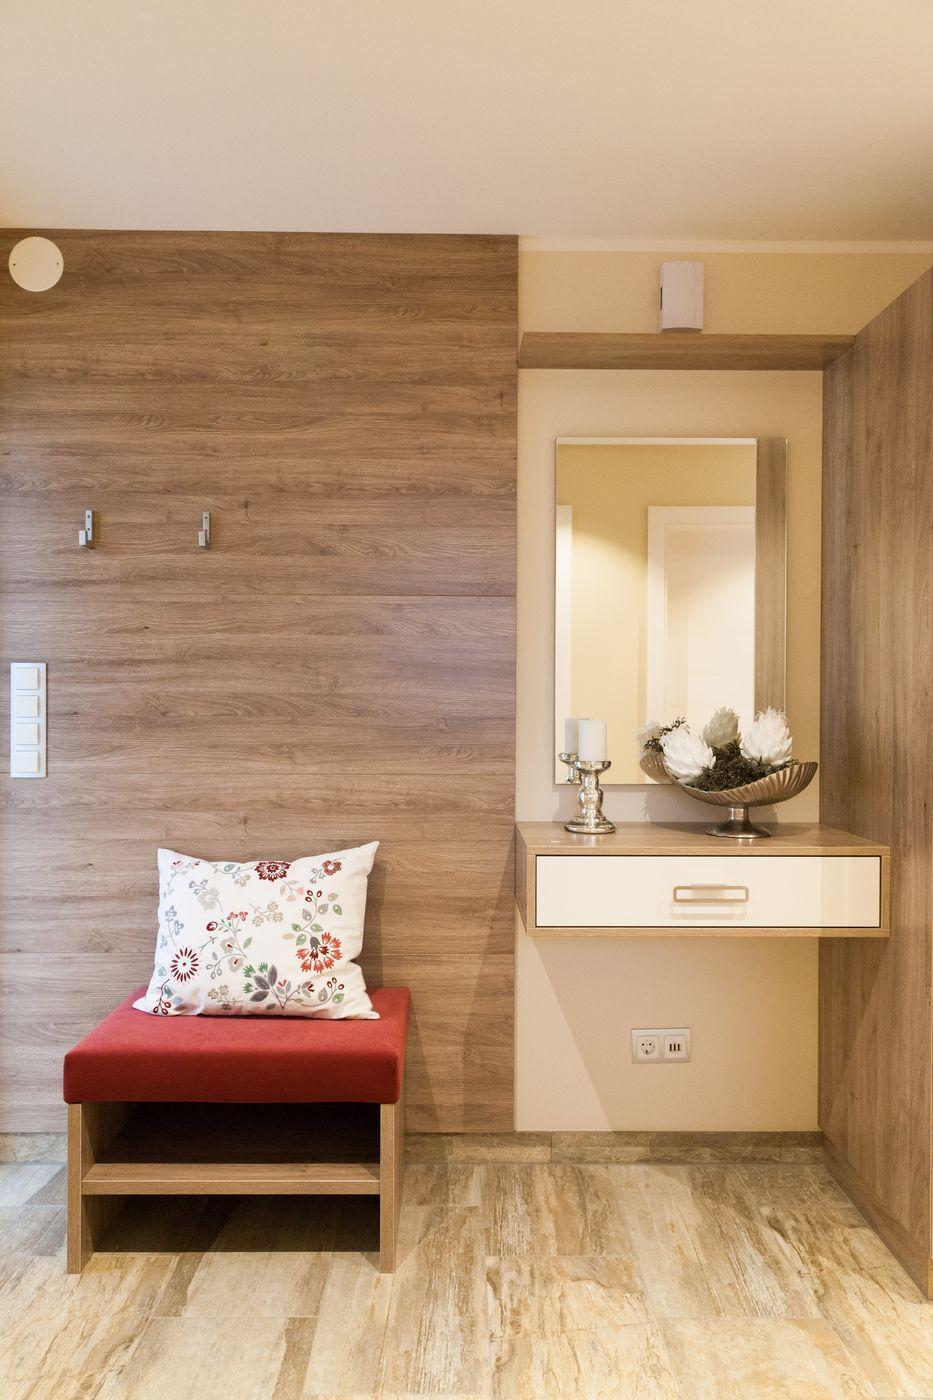 Flur Garderobe Eingangsbereich   Inneneinrichtung Haus Haid Trend 157 W  HARTL HAUS   HausbauDirekt.de